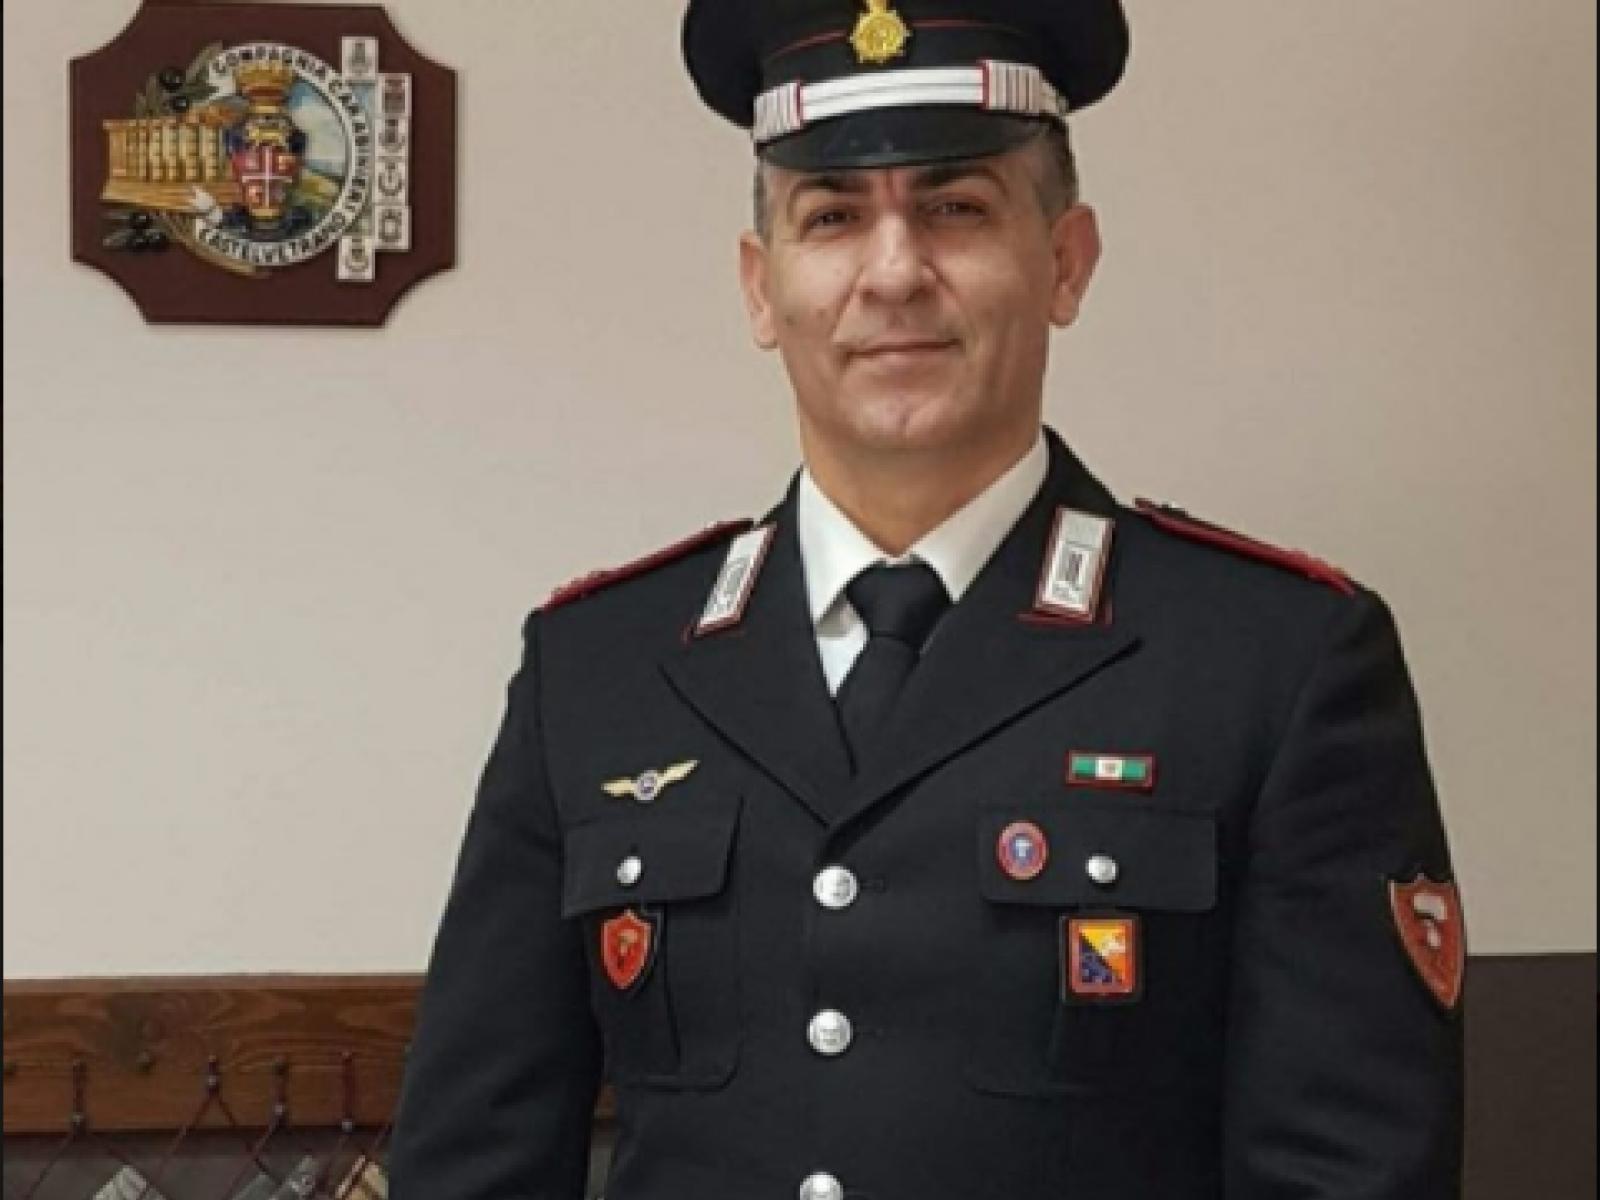 Immagine articolo: Promozione al grado di Luogotenente per il Maresciallo Maggiore dei Carabinieri Antonino Barbera, comandante della Sezione Radiomobile di Castelvetrano